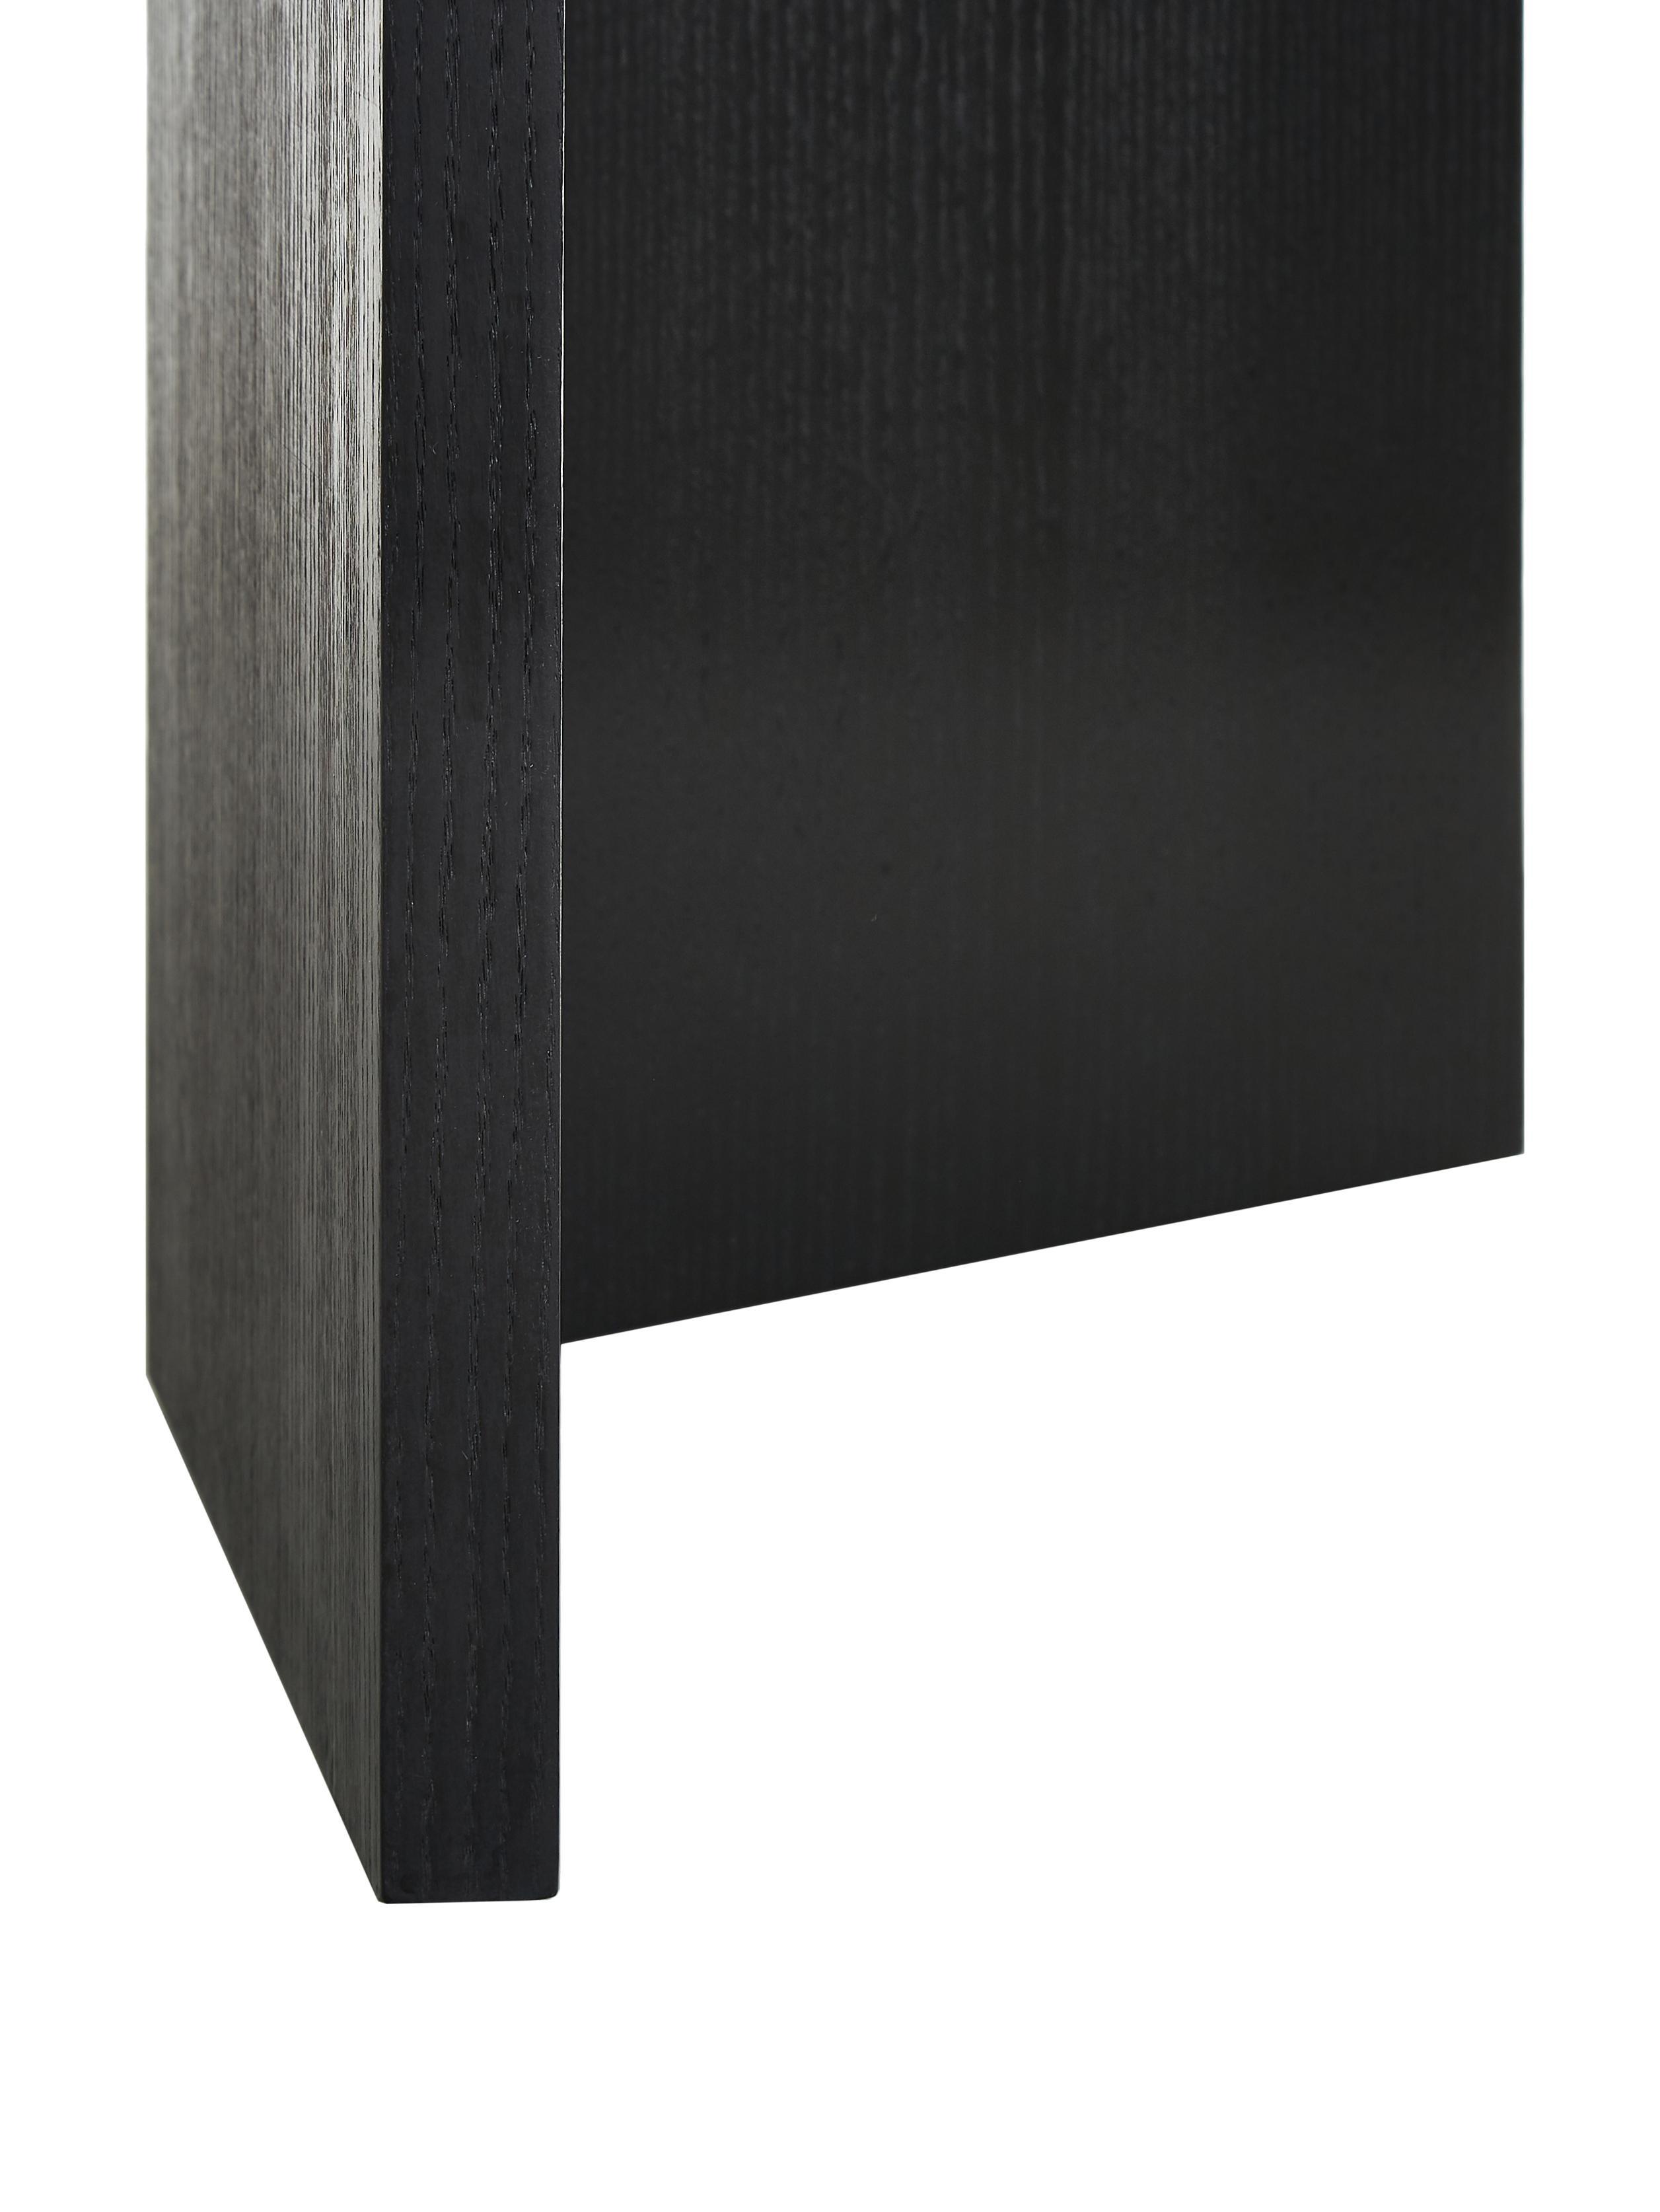 Tavolo ovale in legno Toni, Pannello di fibra a media densità (MDF) con finitura in quercia, verniciato, Legno di quercia impiallacciato, nero verniciato, Larg. 200 x Prof. 90 cm